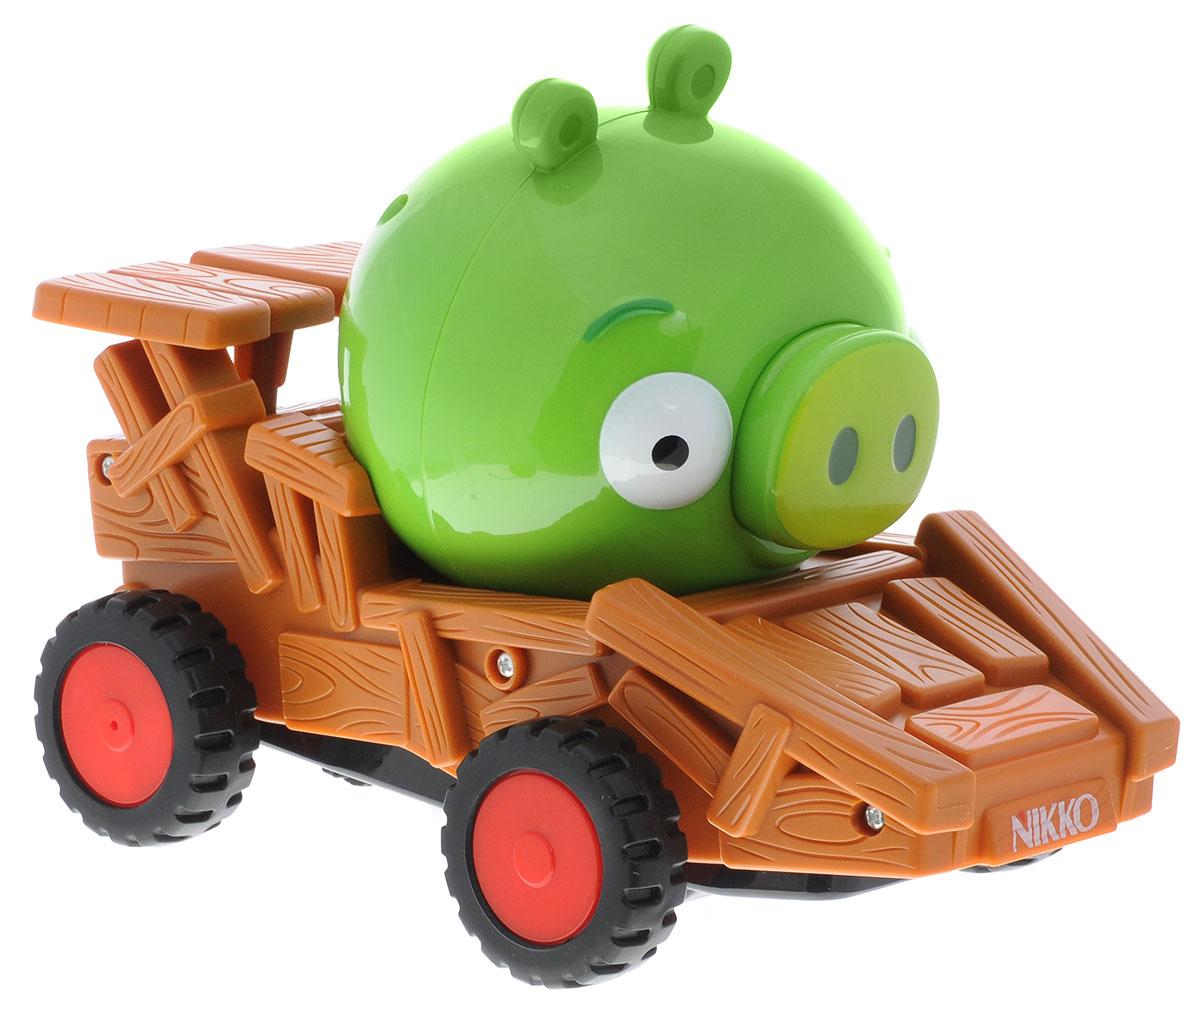 """Радиоуправляемая машинка Nikko """"Angry Birds Racer. Green Pig"""", с героями популярной серии игр для смартфонов """"Angry Birds"""" станет отличным подарком всем поклонникам этой игры! Машинка может перемещаться вперед, дает задний ход с поворотом, останавливается. Рабочая частота пульта управления 27 Mhz, 3 канала управления (А, В, С). Возможность включения/отключения музыкального оформления из оригинальной игры. Красочная машинка непременно понравится вашему малышу, а пульт управления с крупными яркими кнопками разработан специально для маленьких ручек ребенка. Для работы машинки требуются 2 батарейки типа """"AА"""" (не входят в комплект). Для работы пульта управления требуется 1 батарейка 9V типа """"Крона"""" (не входит в комплект)."""